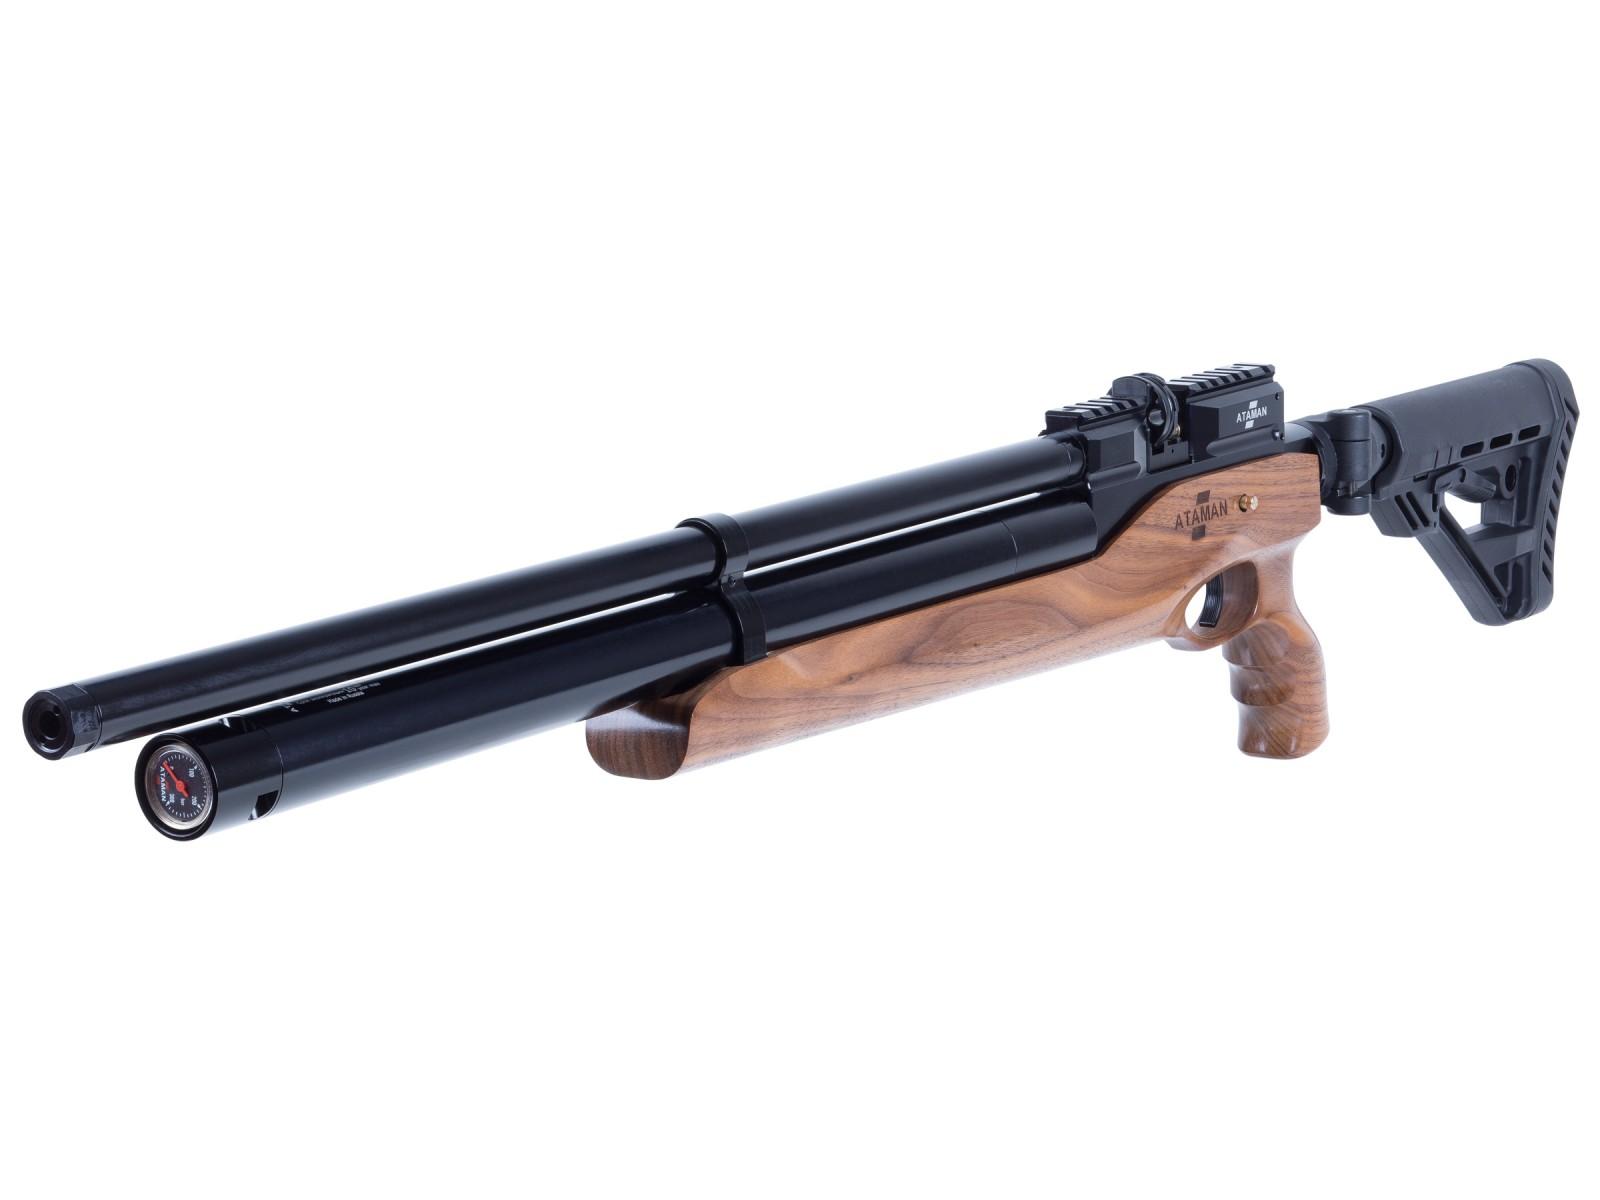 Ataman M2R Tact Carbine Type 4 Compact Air Rifle, Walnut